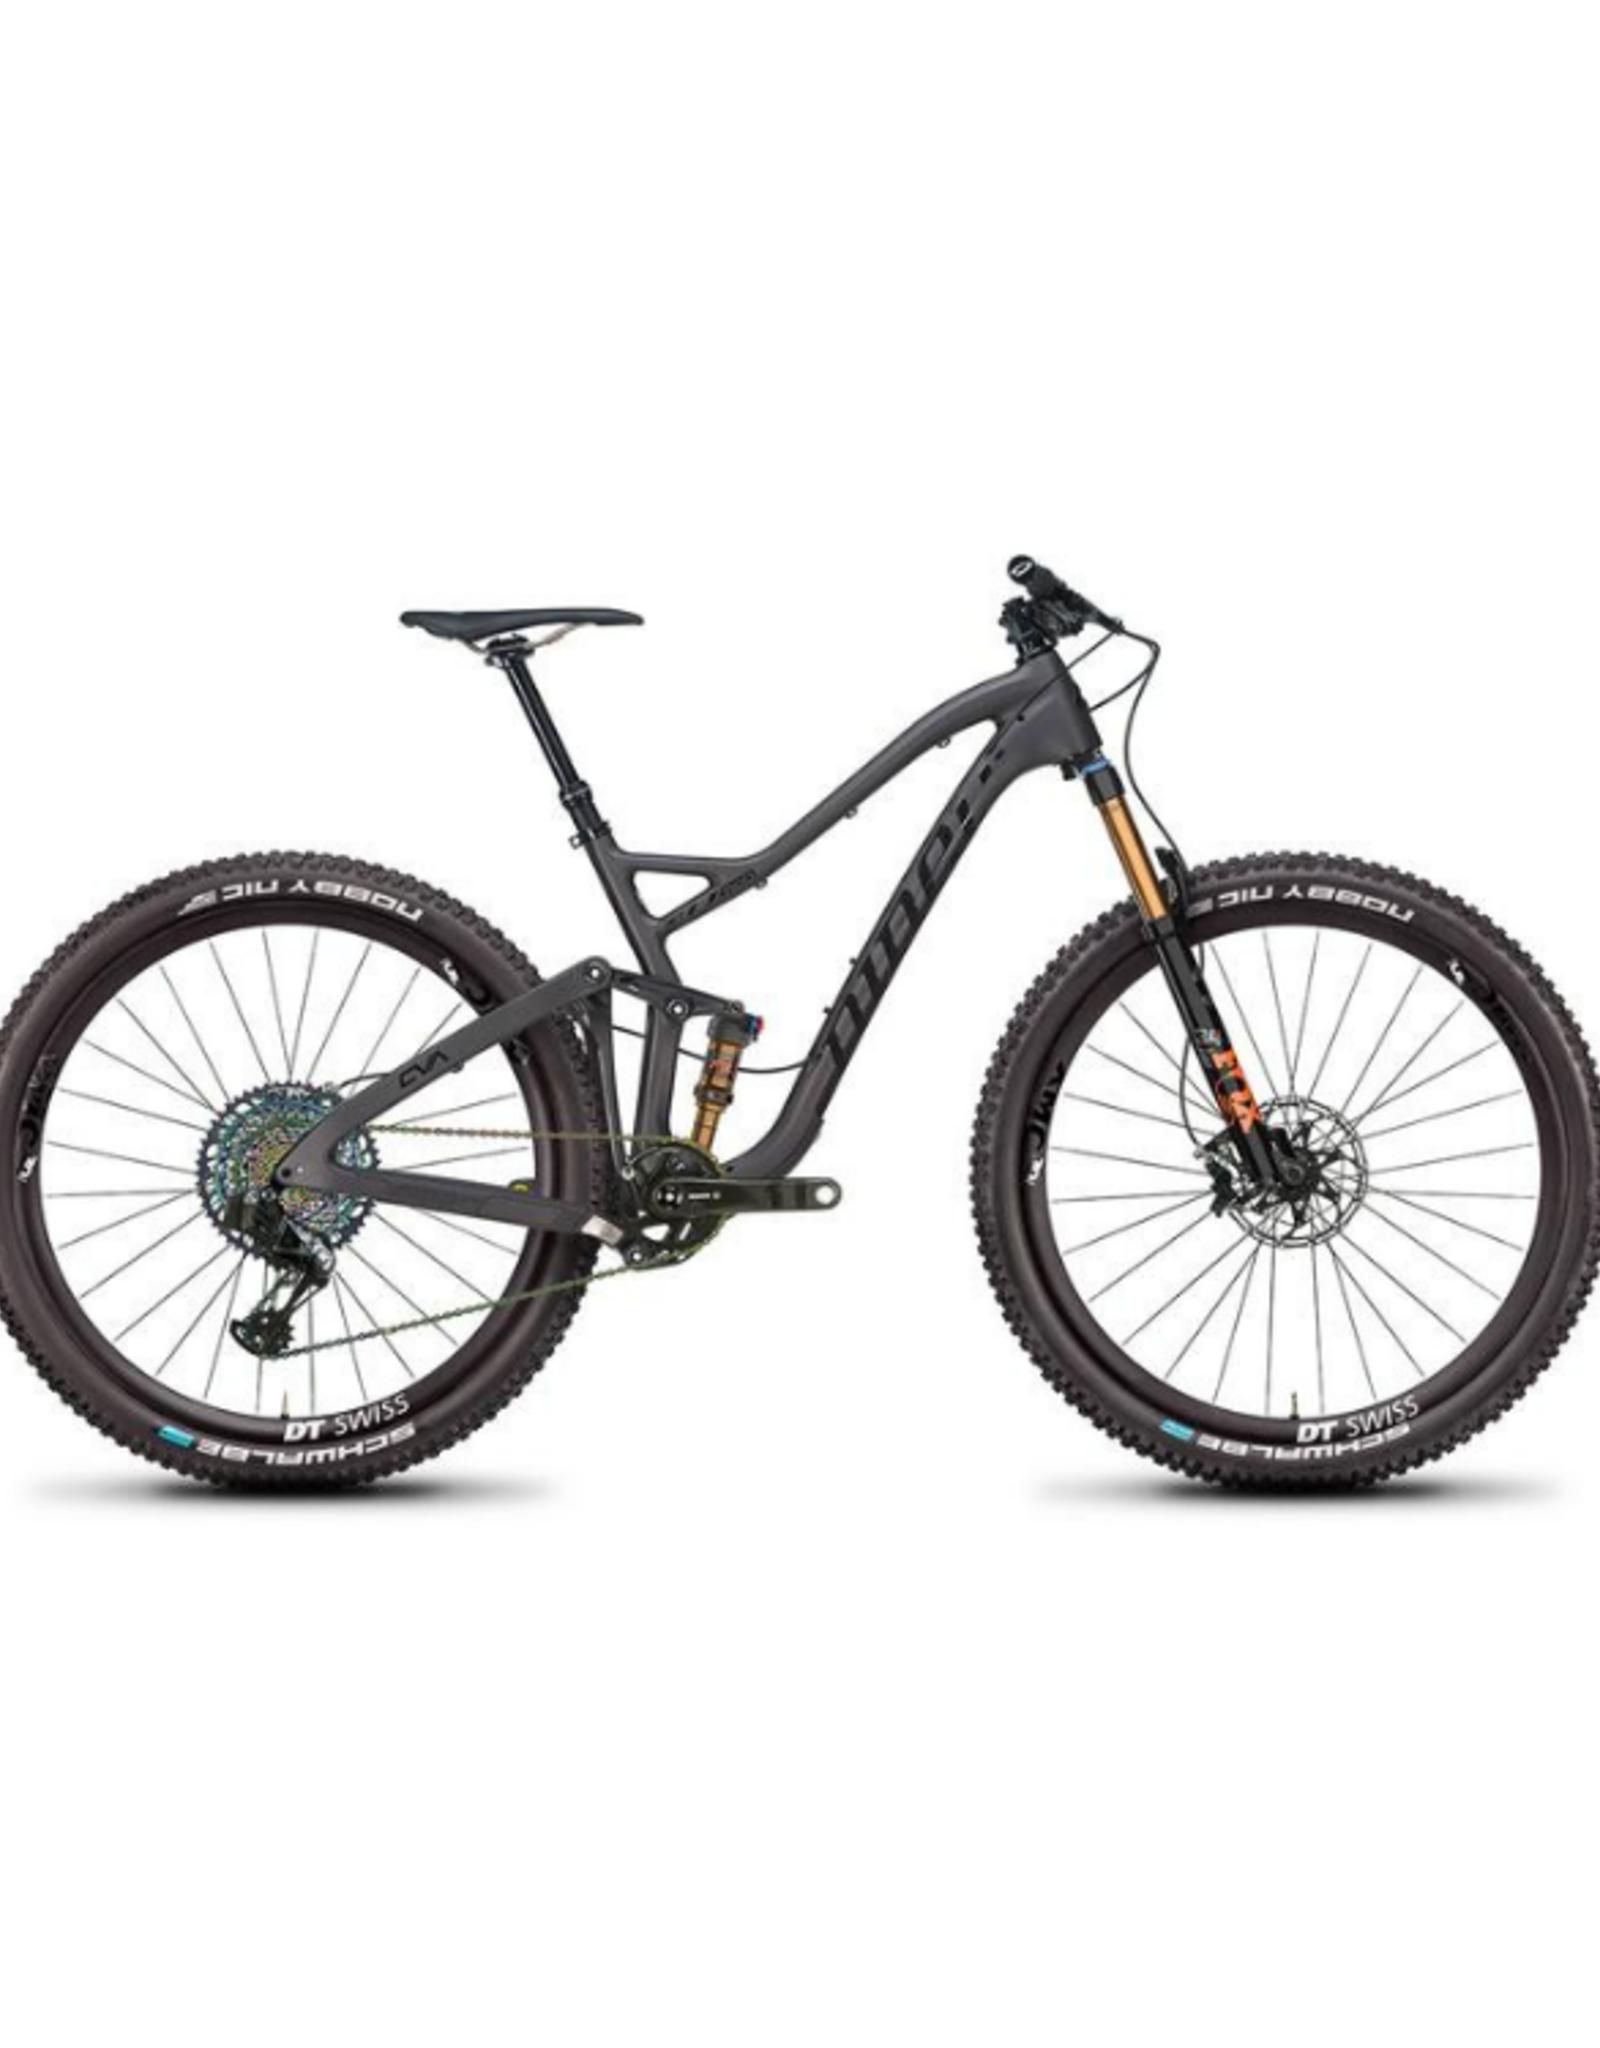 Niner 2021 Jet 9 RDO Carbon Full Suspension Bike 2-Star